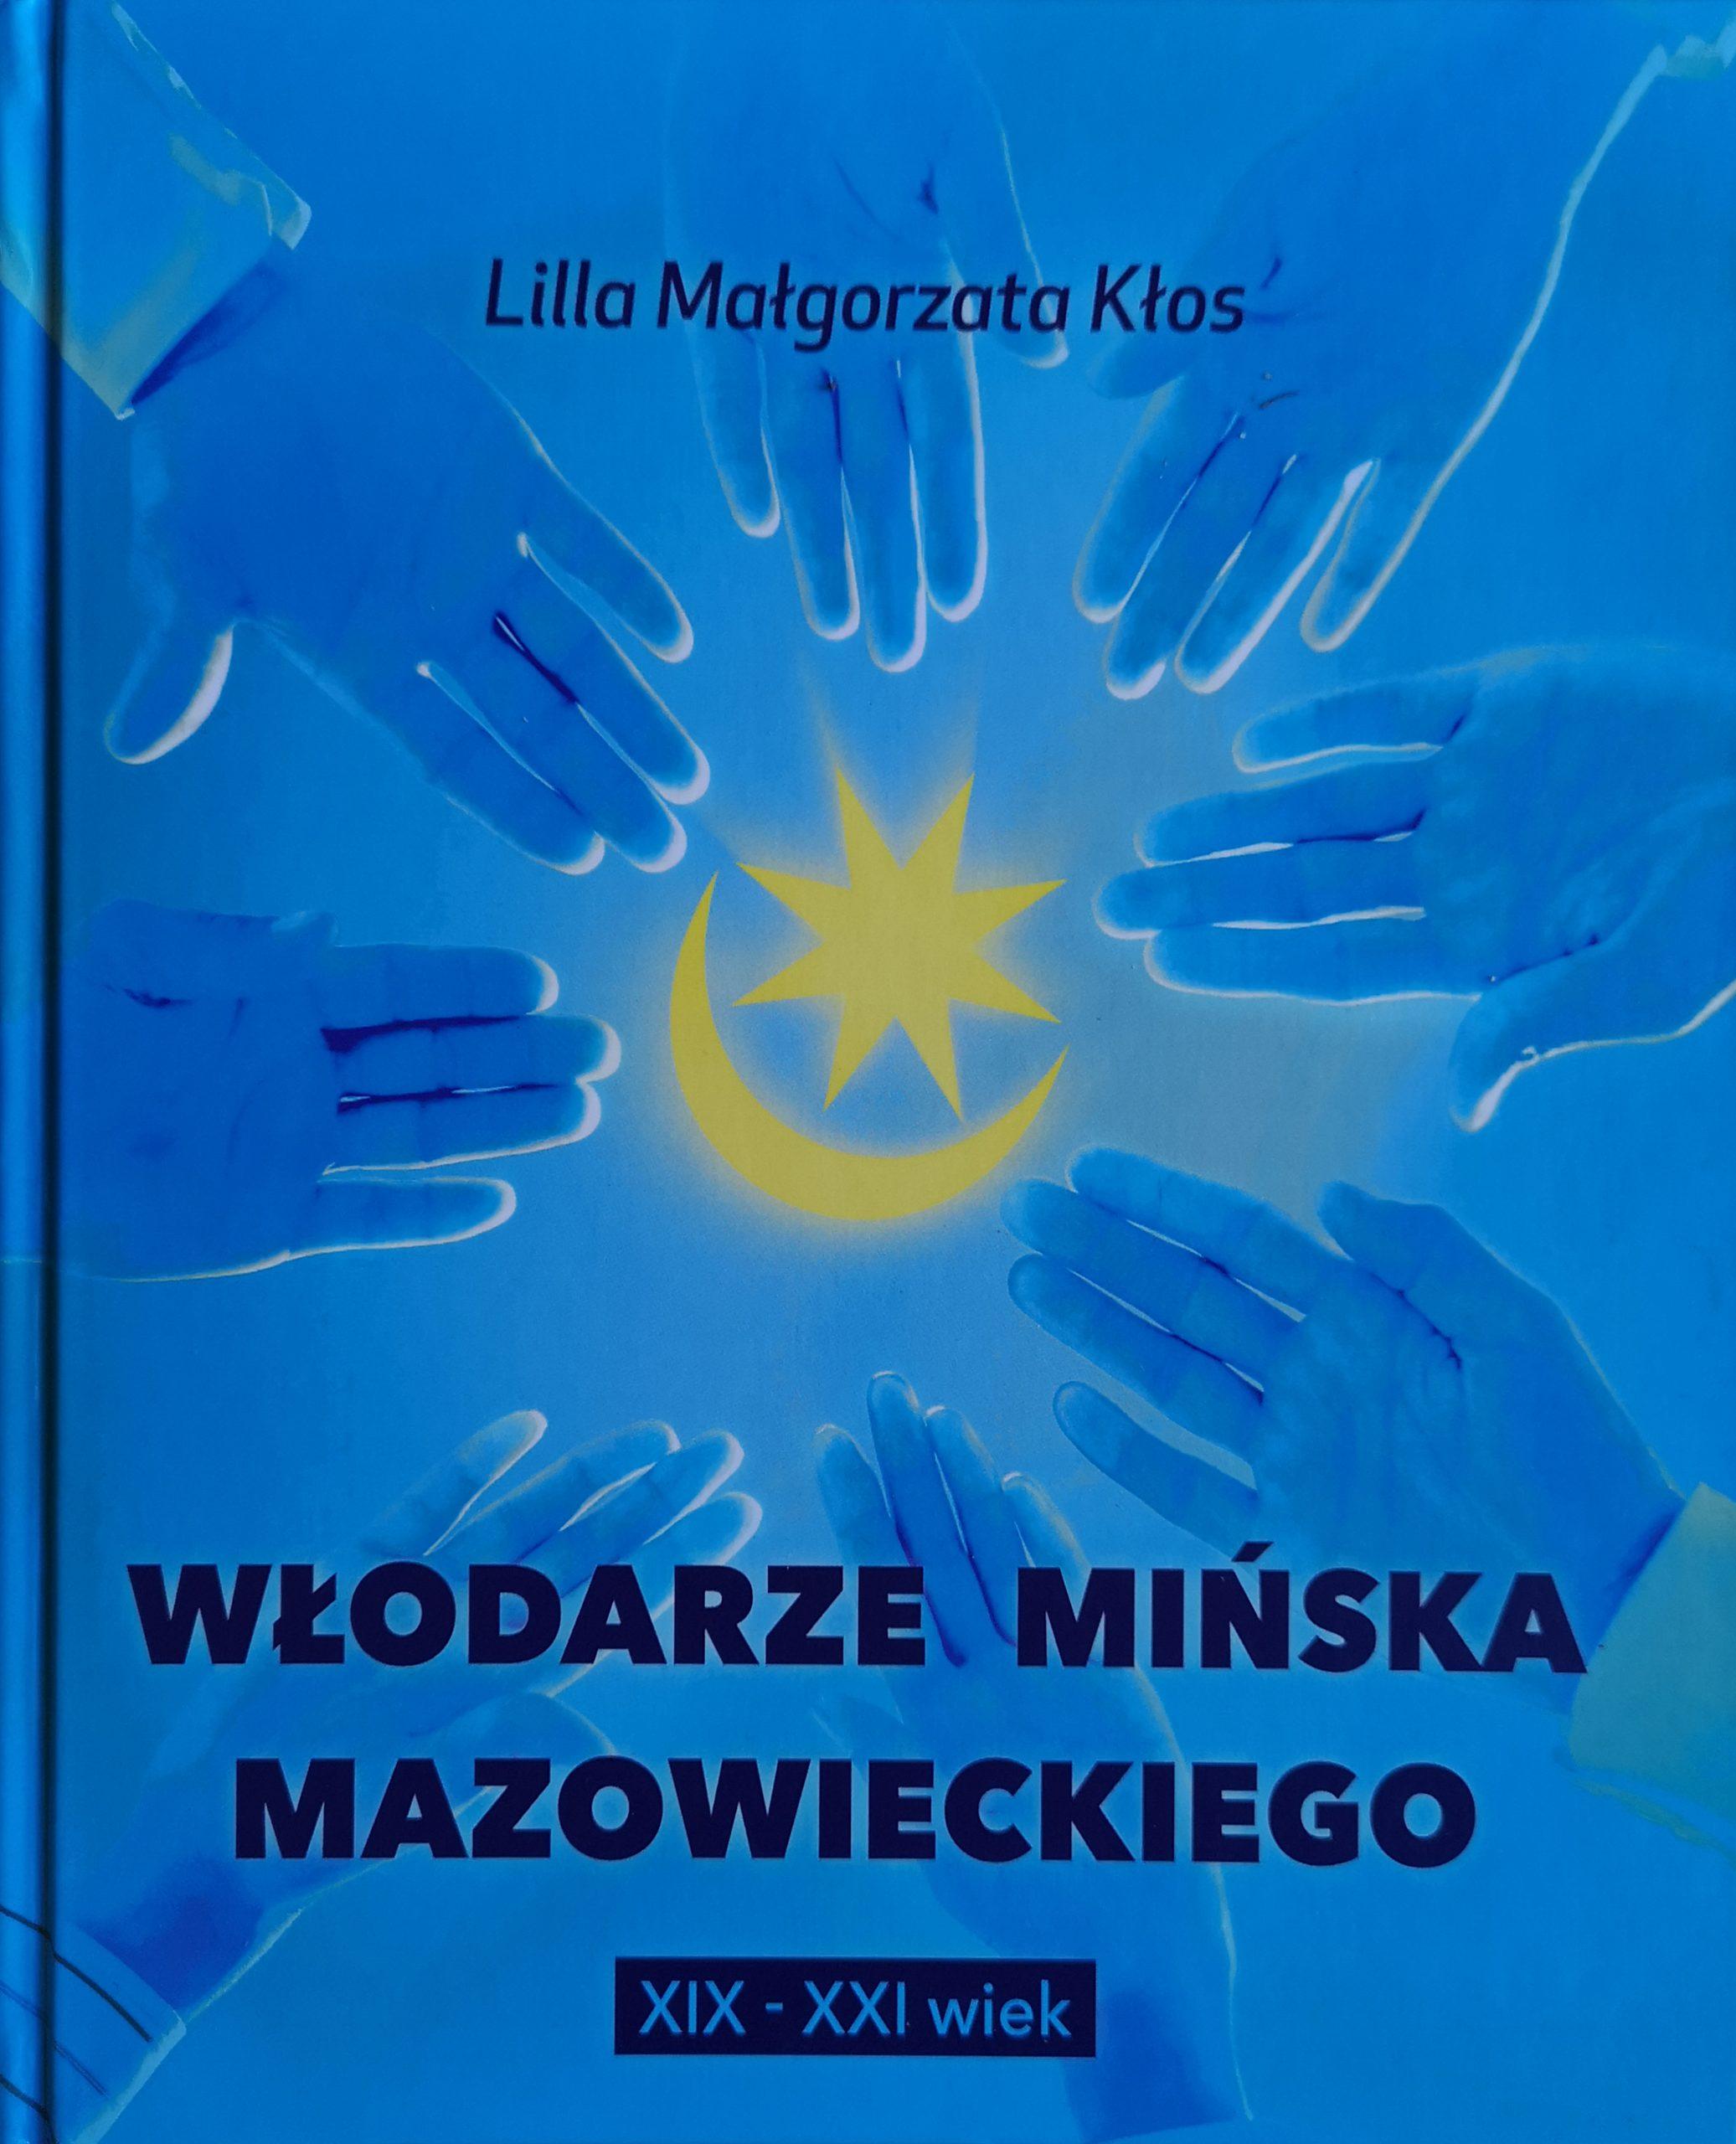 Włodarze Mińska Mazowieckiego XIX-XXI